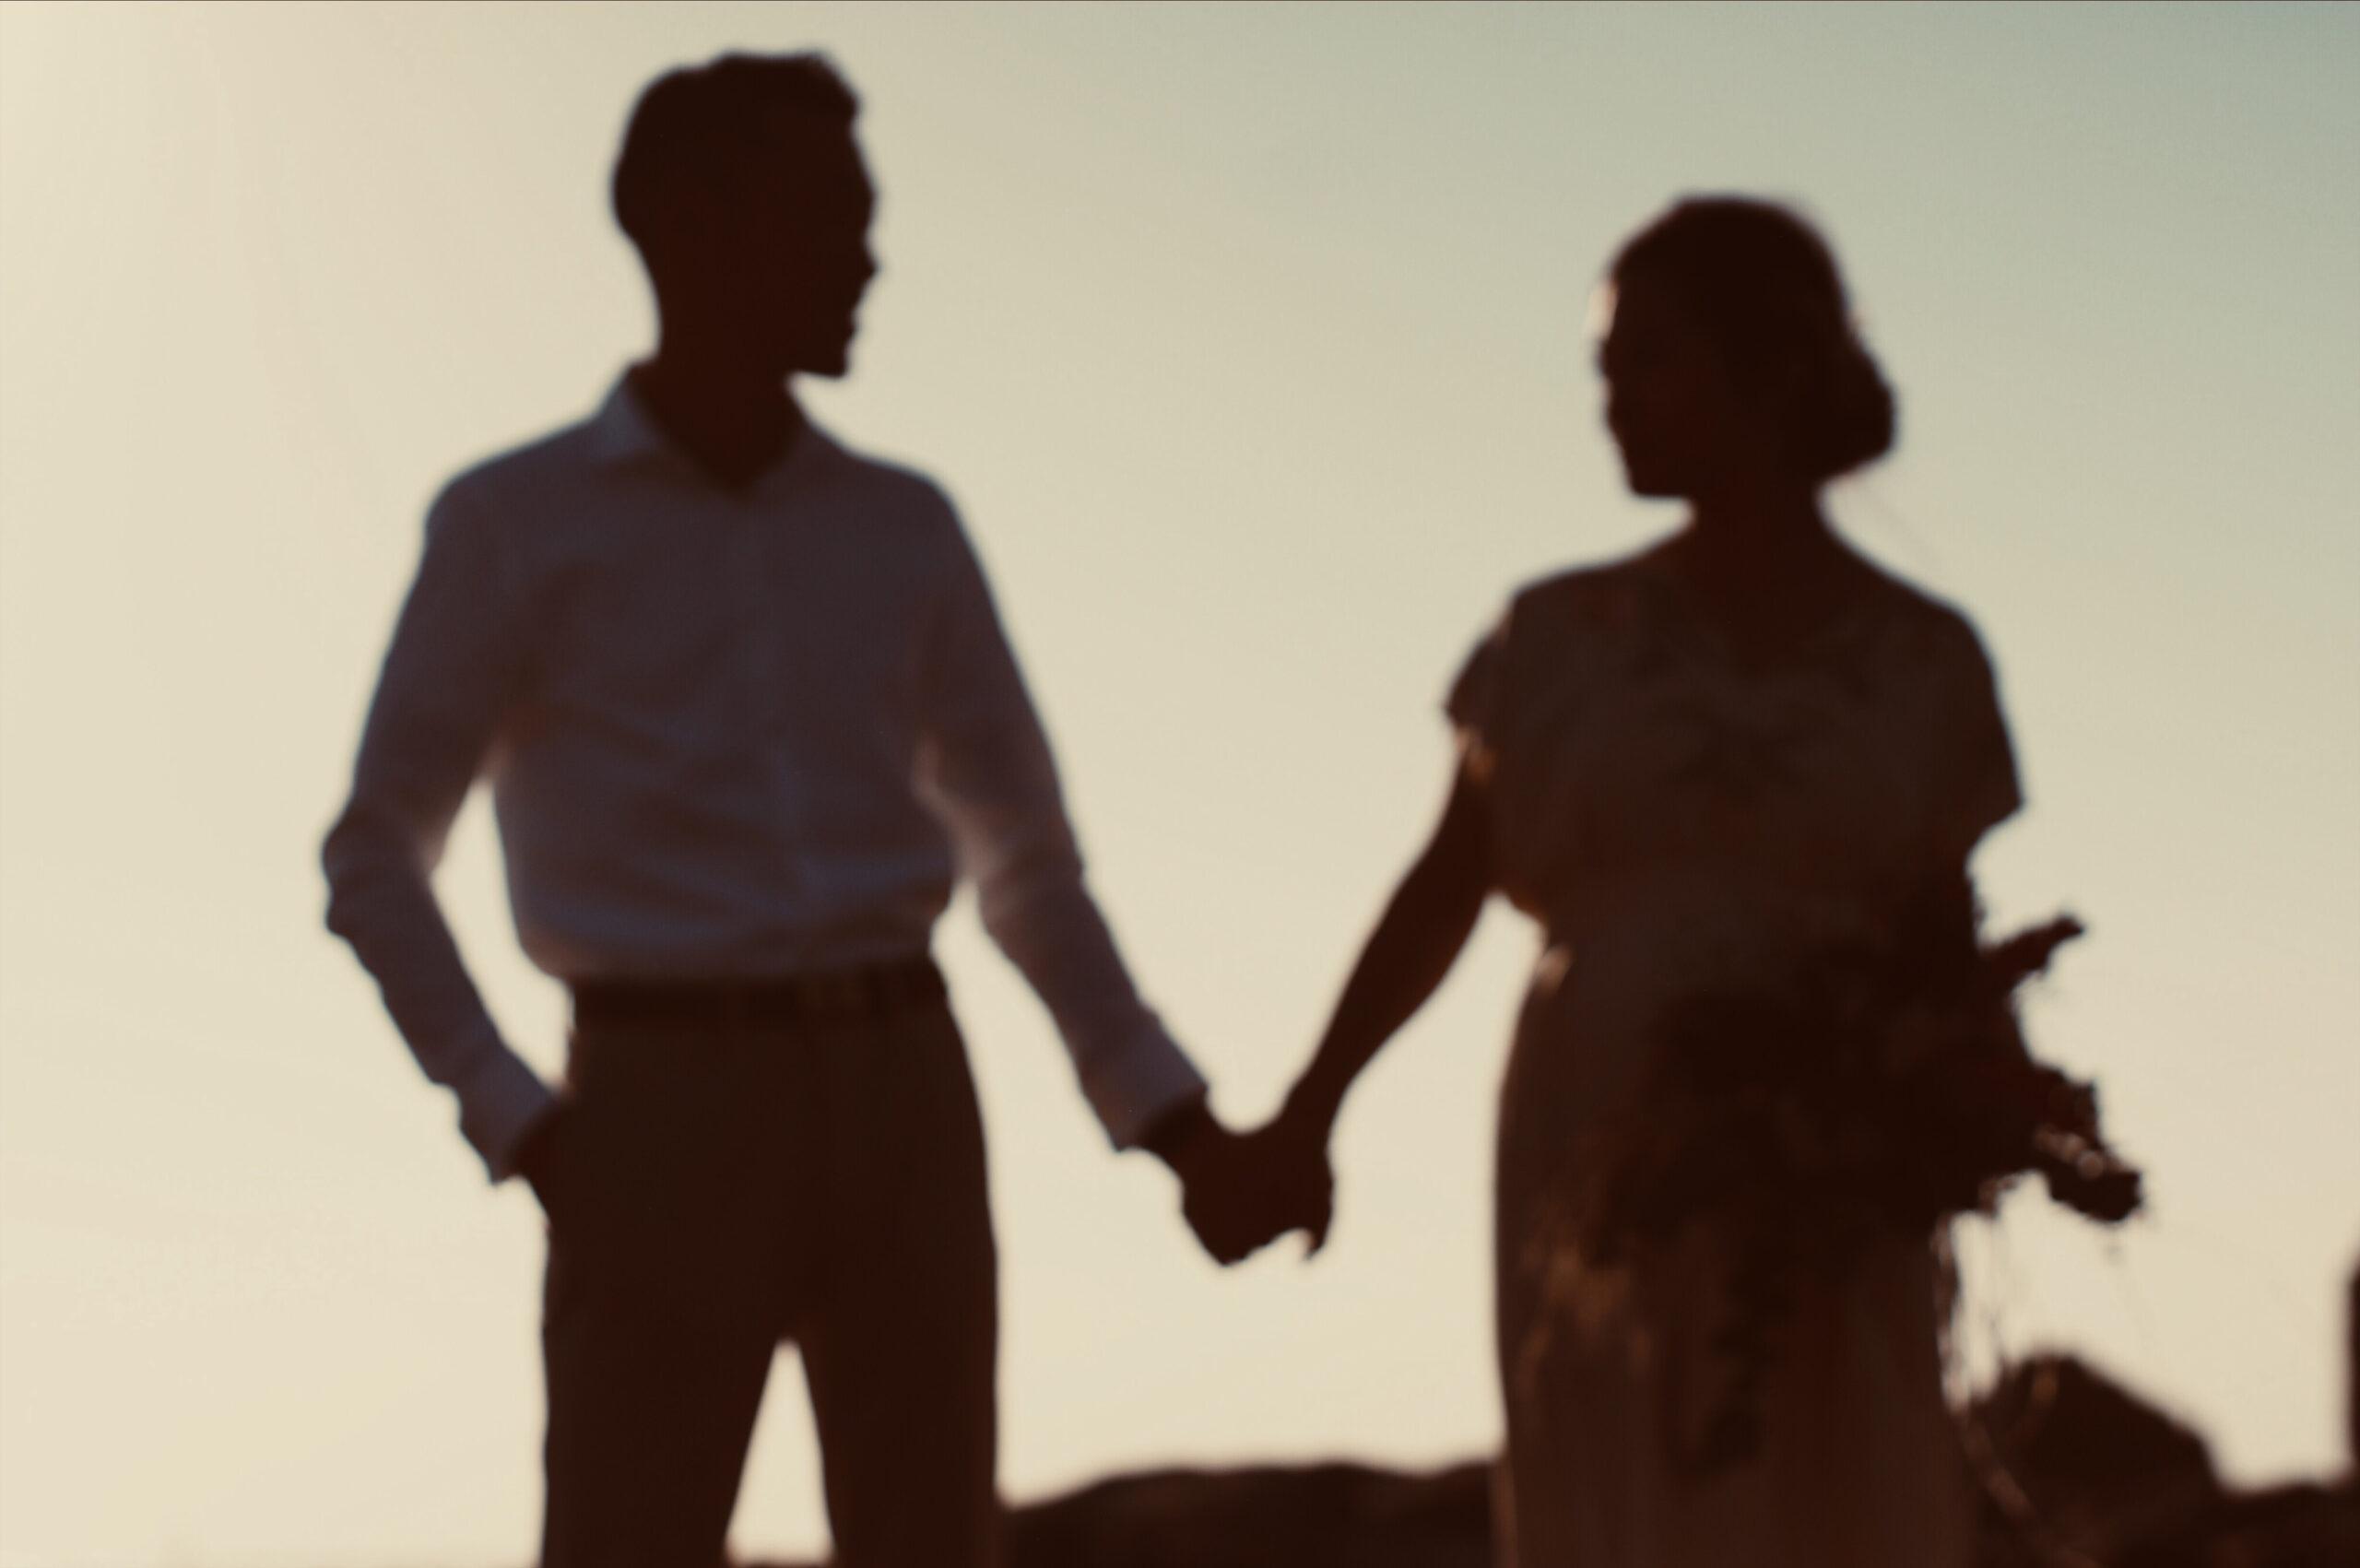 彼氏と向き合う時間を設ける